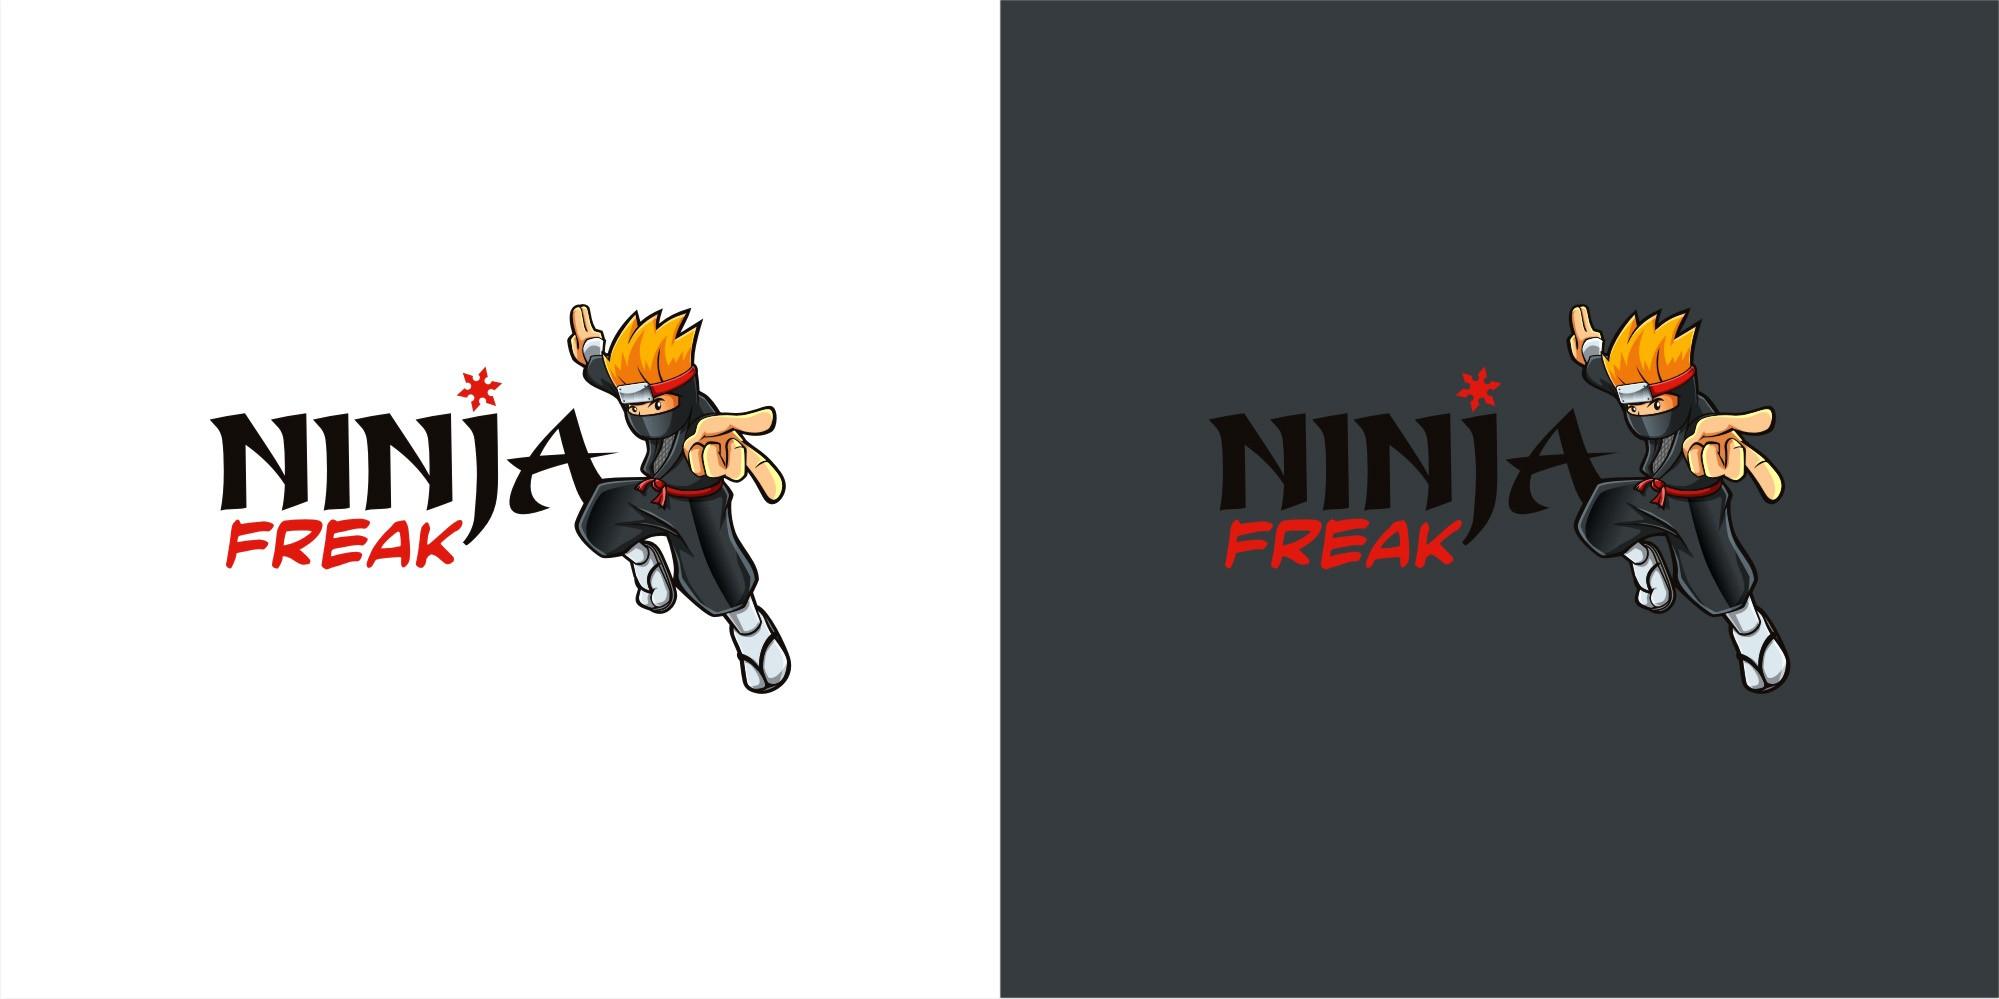 Ninja Freak